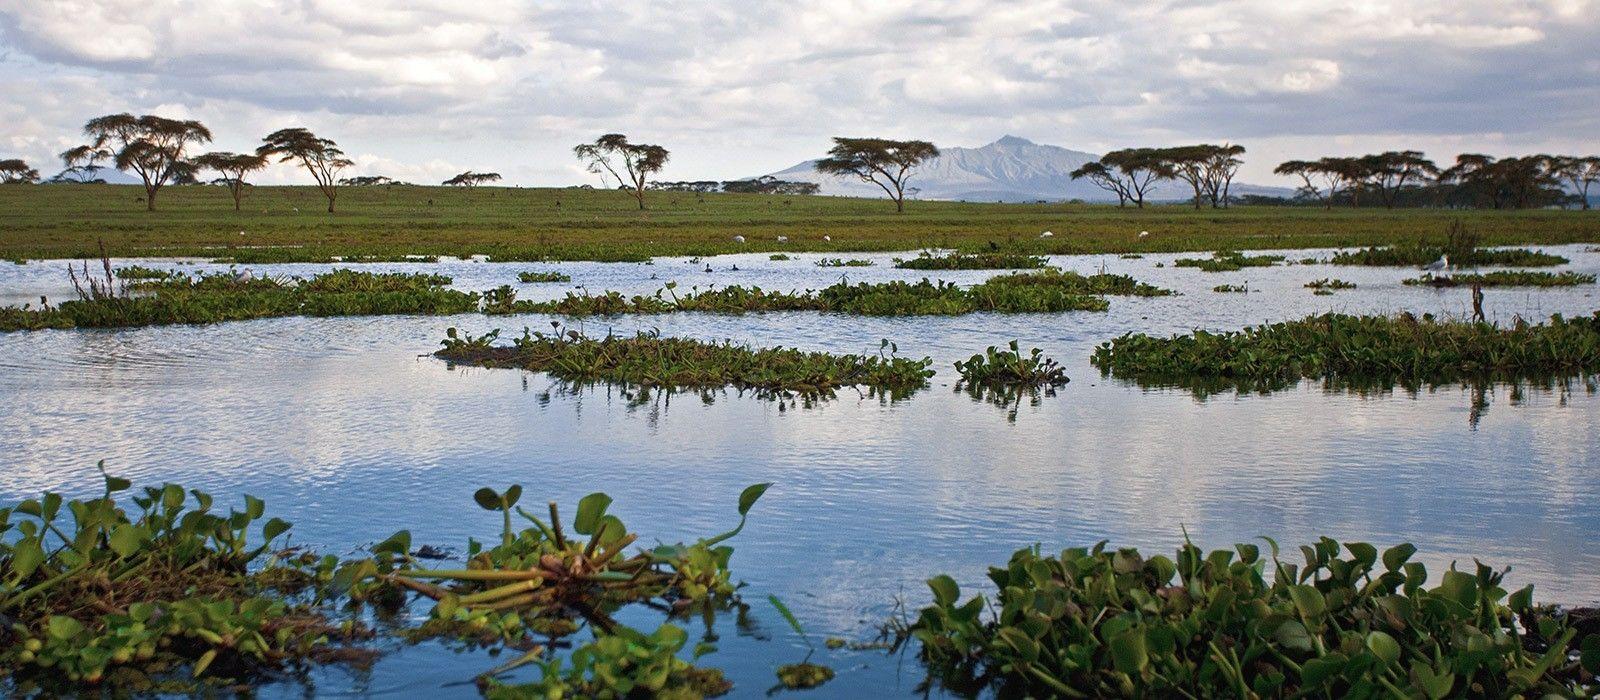 Von Kenia bis Sansibar: Safaris & Strände Urlaub 1